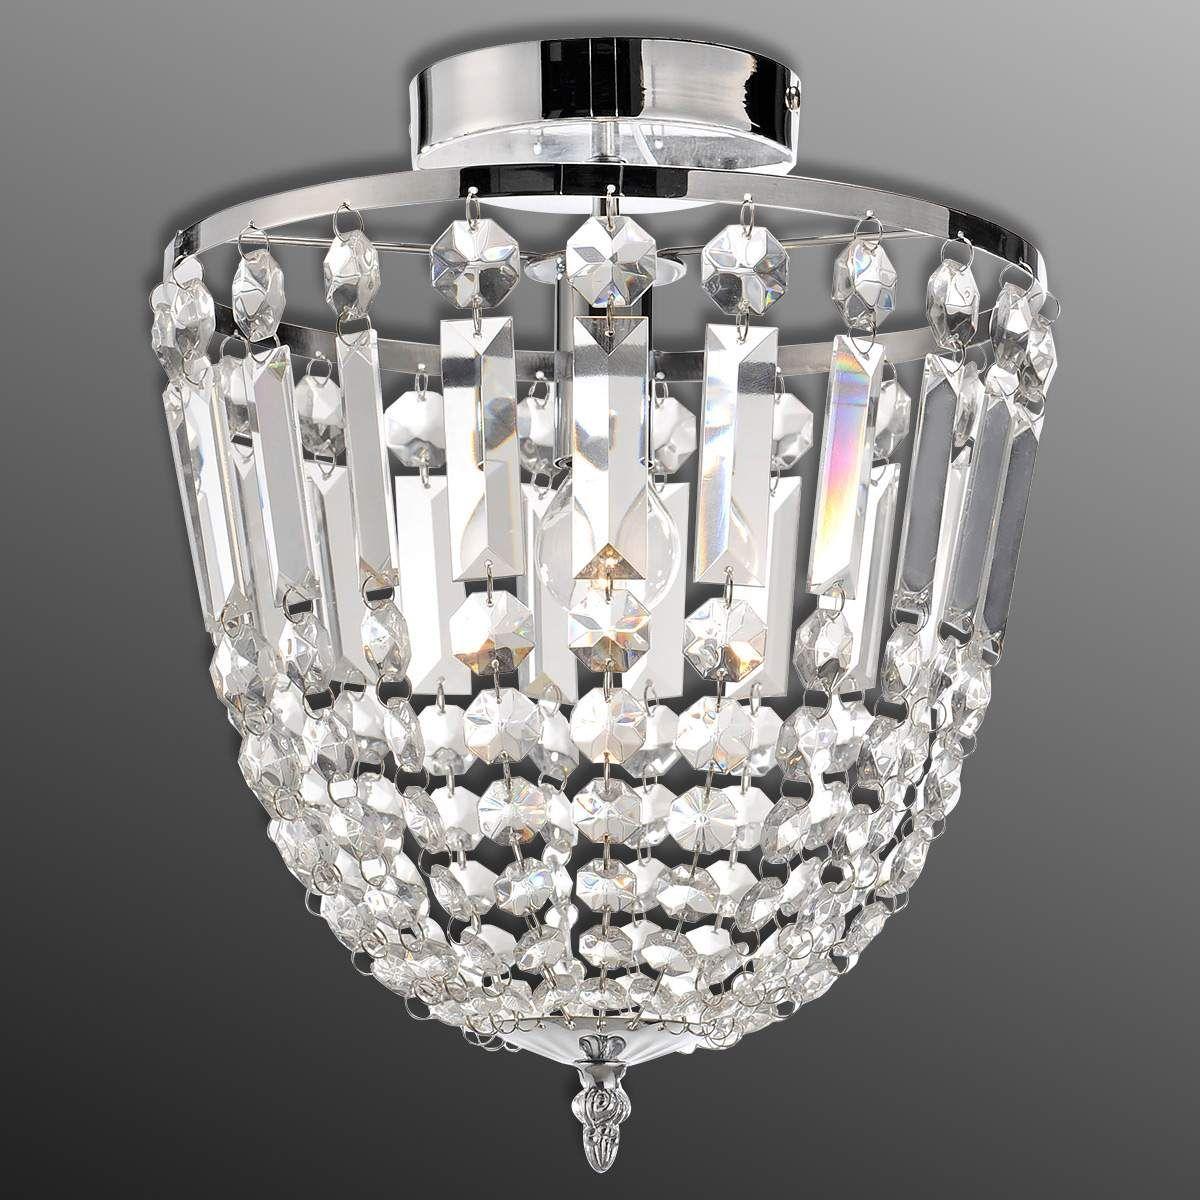 Kristall Deckenleuchte Kamea Kristall Deckenleuchte Kristalle Leuchten